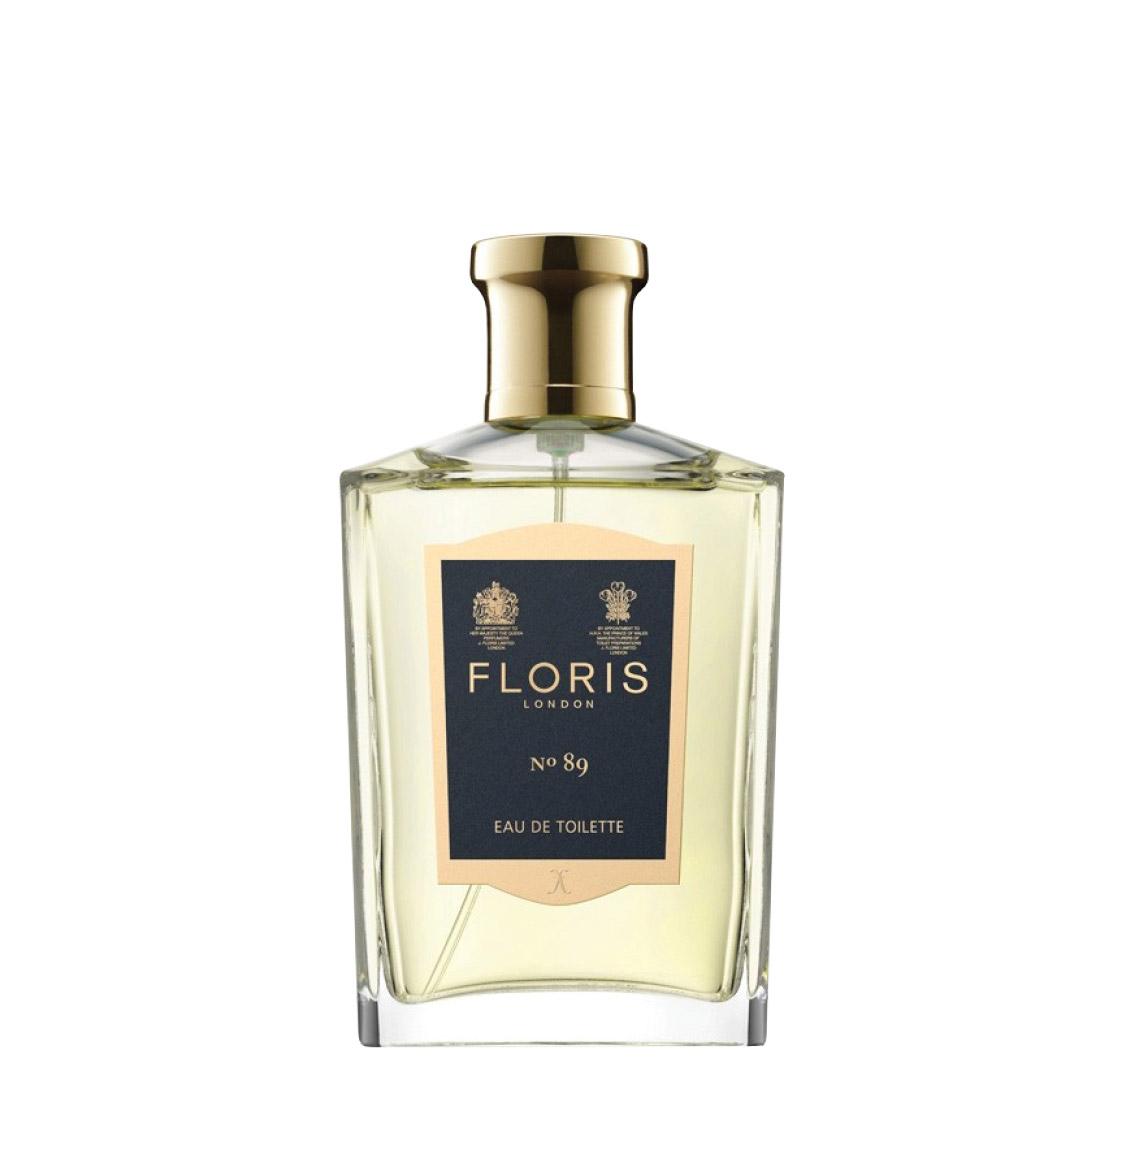 Floris London No. 89 Eau De Toilette 100ml